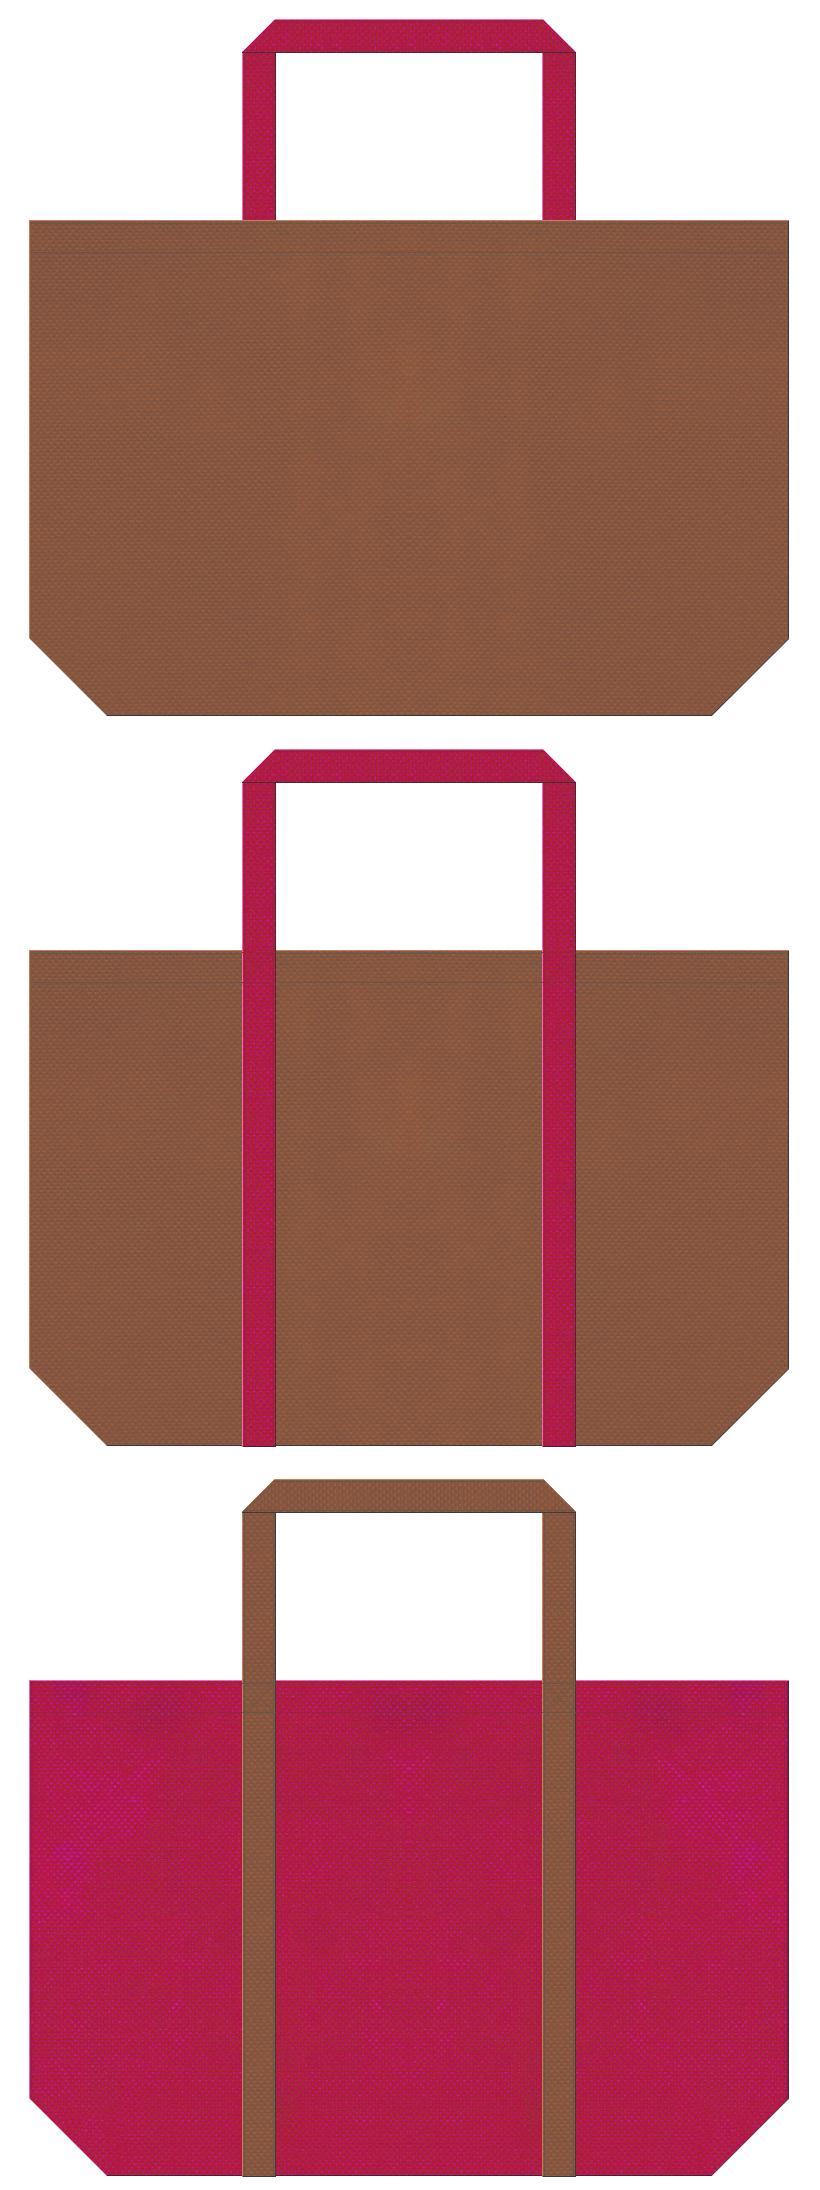 茶色と濃いピンク色の不織布ショッピングバッグのデザイン:トロピカル・カクテルのイメージにお奨めです。